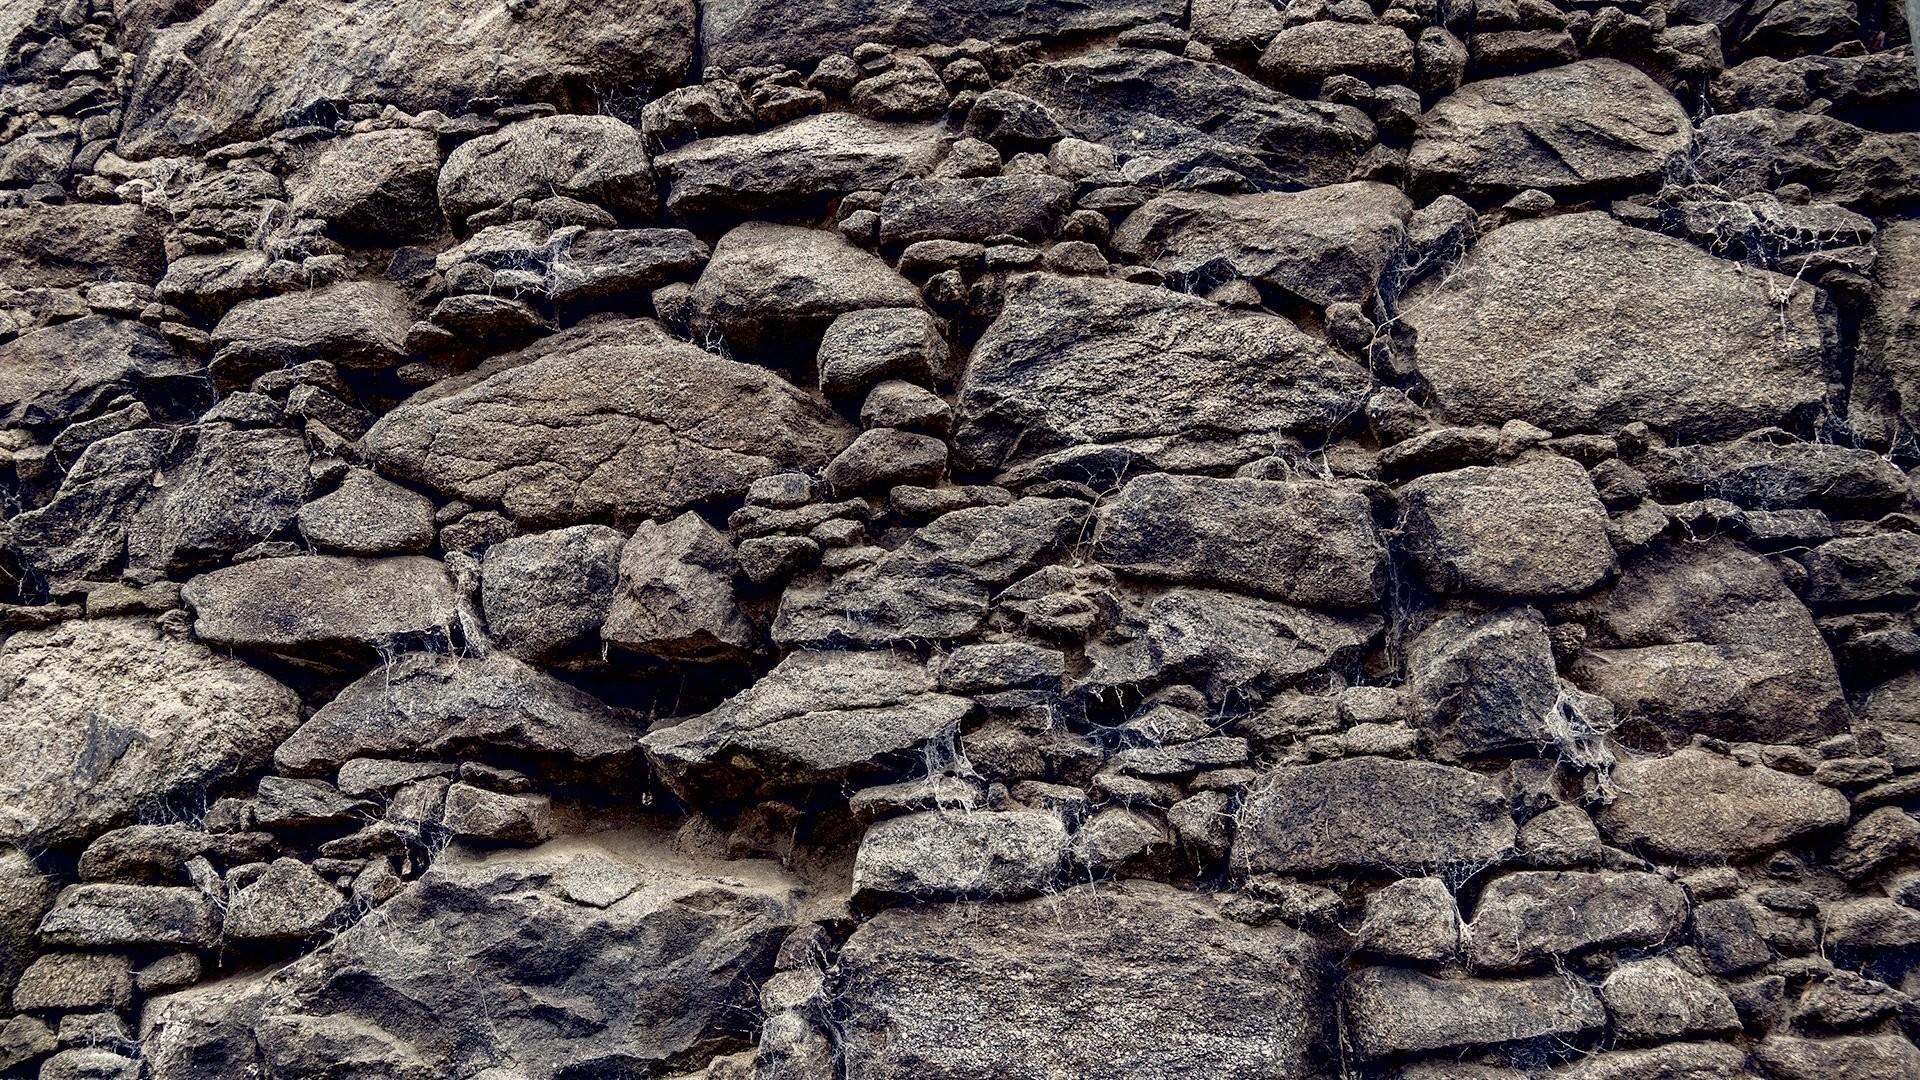 Texture Stone Image